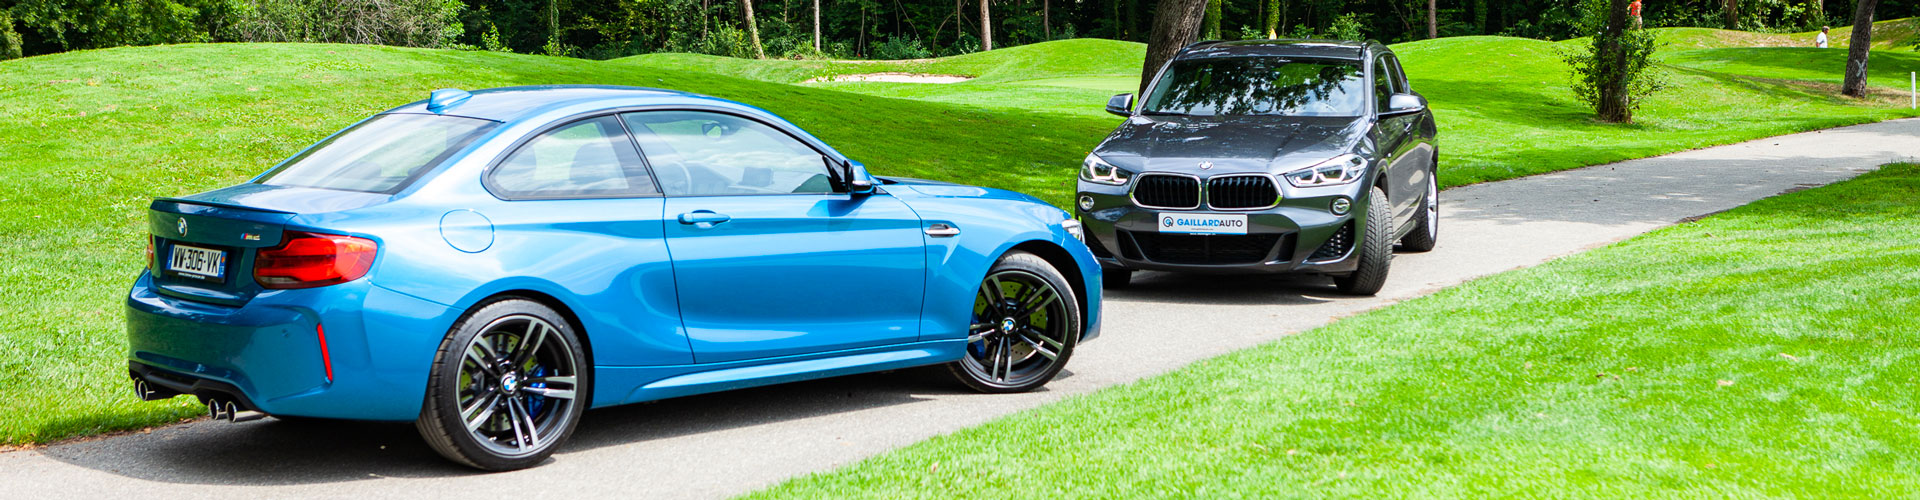 le BMW X2 et la BMW M2, toutes deux vendues par Gaillard Auto